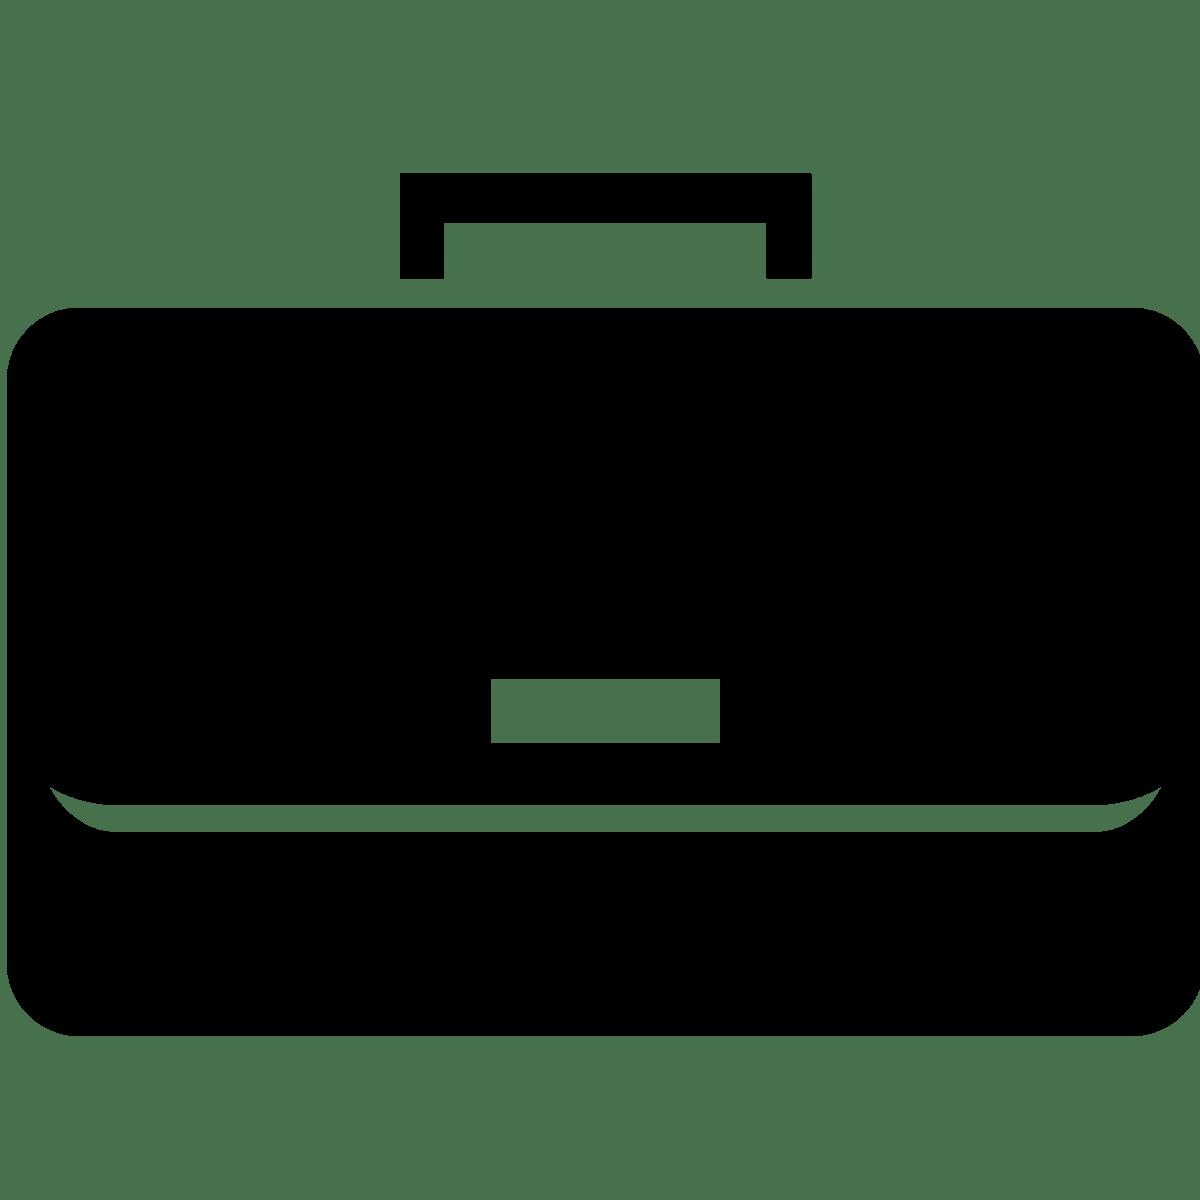 clip art databases